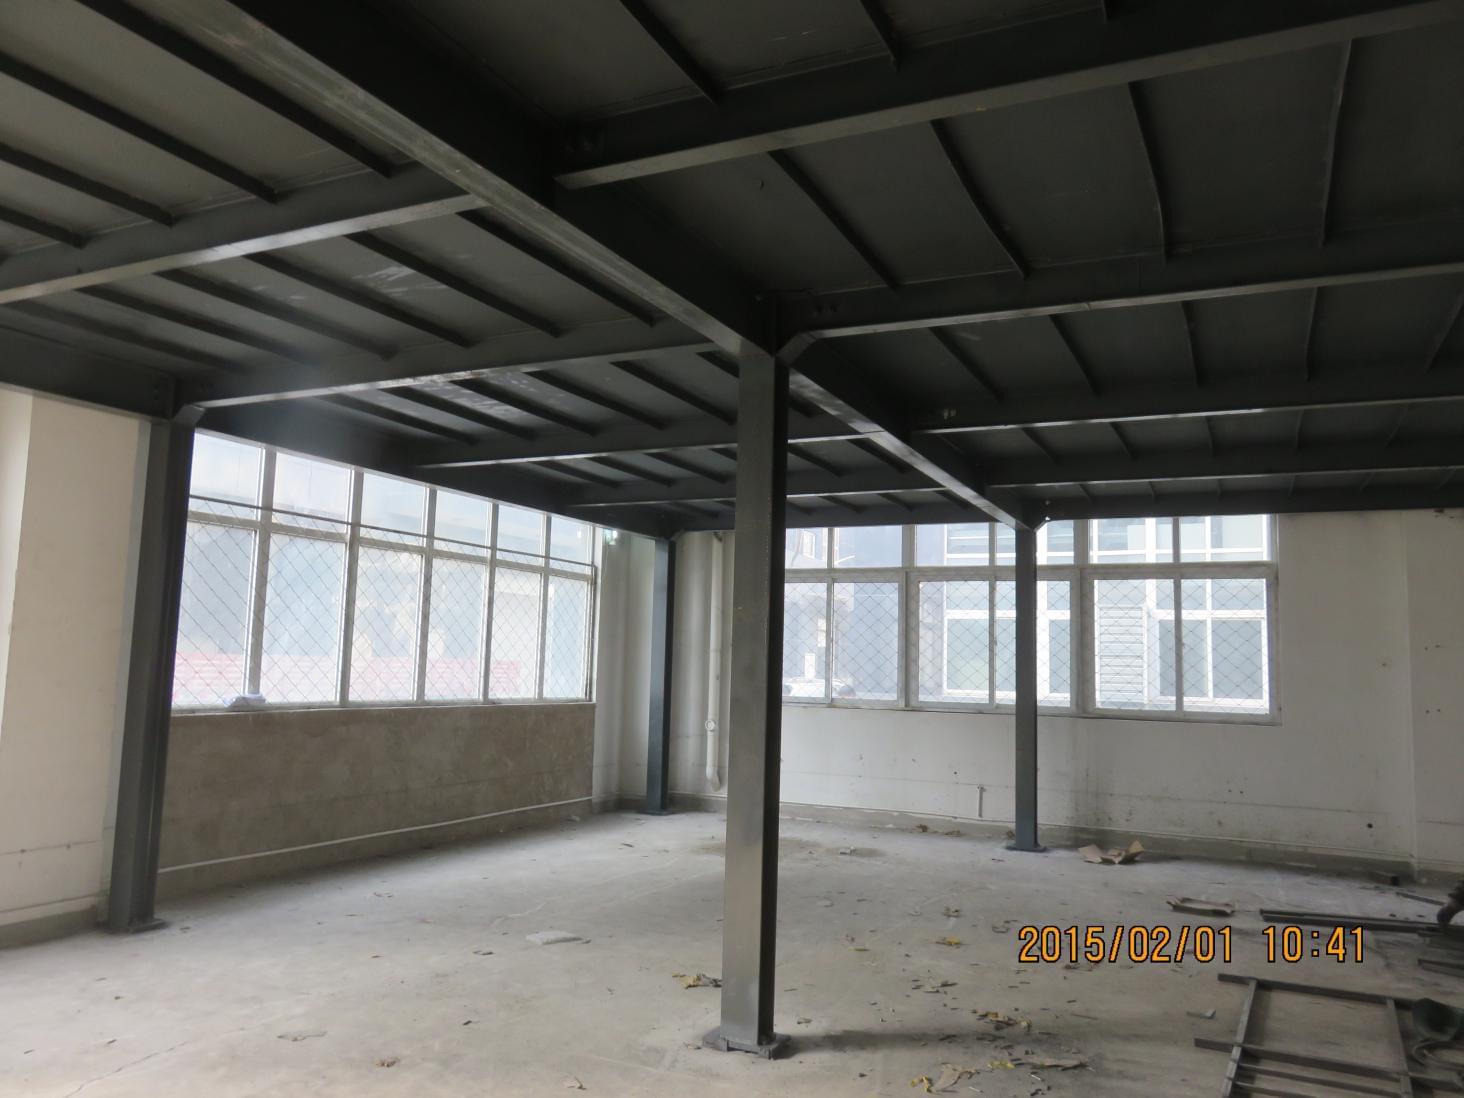 1.钢结构平台铺板按工艺生产要求可分为固定的及可拆卸的,按构造一般可分为板式(钢筋混凝土板、花纹钢板、平钢板、平钢板加工冲泡或电捍花纹等》,篦条式(由圆钢或板条焊成或工厂制成的钢格板)及钢网格板(工厂制造的钢网板、压焊钢格栅板(YB4001-91)等。  行走的钢结构平台和操作钢结构平台宜采用花纹钢板,当材料无法解决时,亦可用采取防滑措施后的平钢板(表面电焊花纹或加冲泡》代替。室外钢结构平台以及考虑减少积灰的平台通常采用篦条式铺板或钢网格板等,重型操作平台常采用普通平钢板上加防护层,有条件时宜采用现浇钢筋